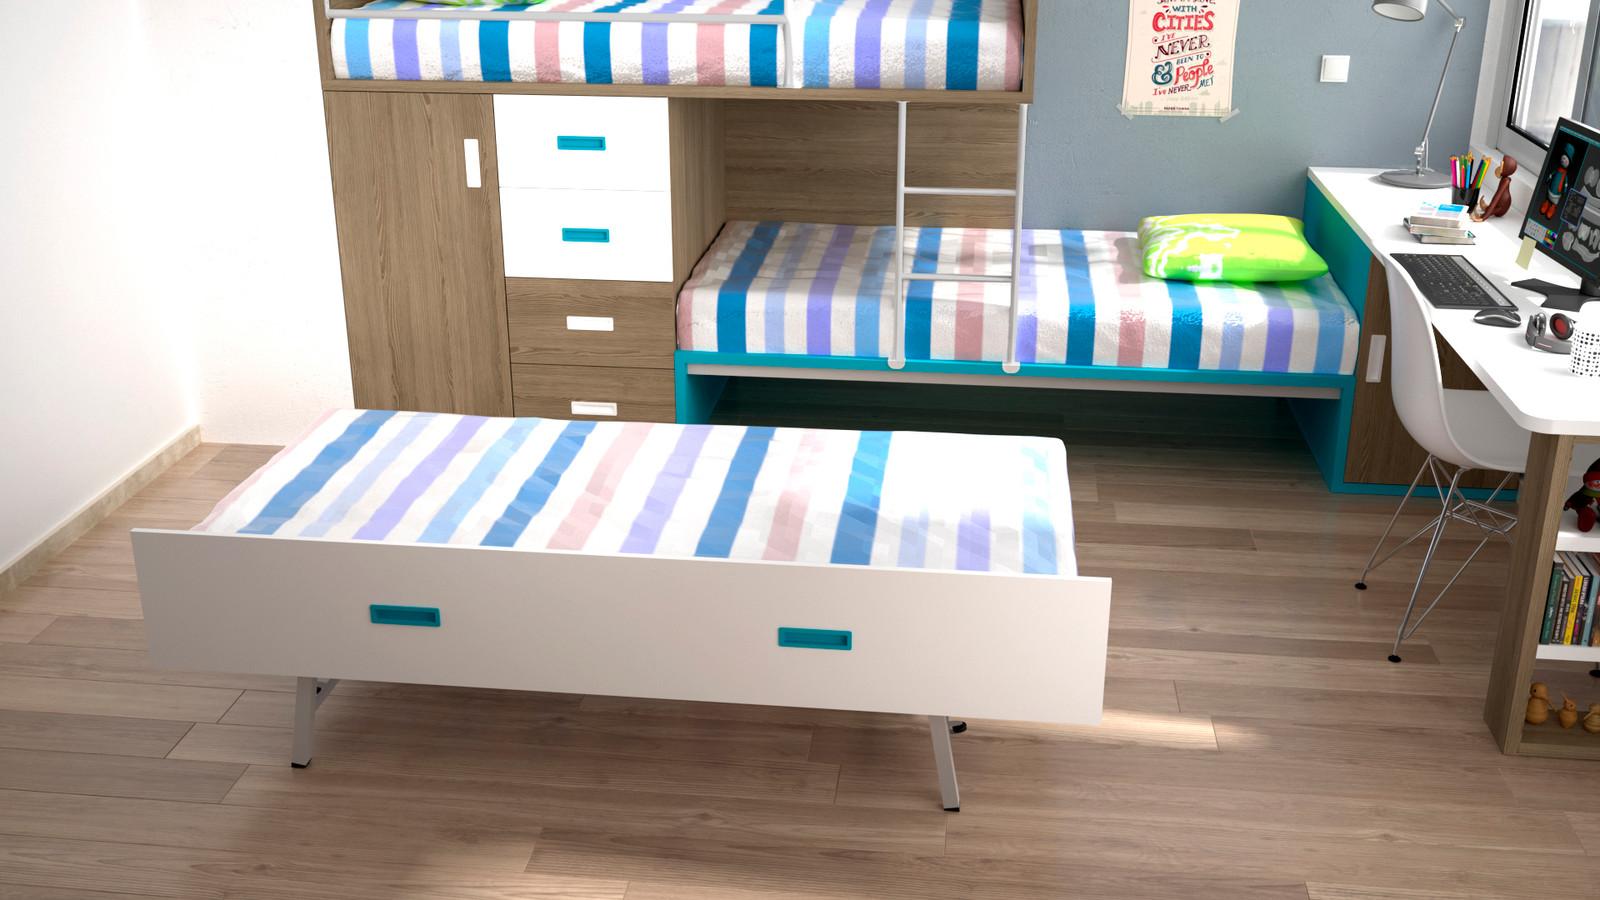 lits gain de place pour enfant et meubles sur mesure superpos s d cal ih124. Black Bedroom Furniture Sets. Home Design Ideas